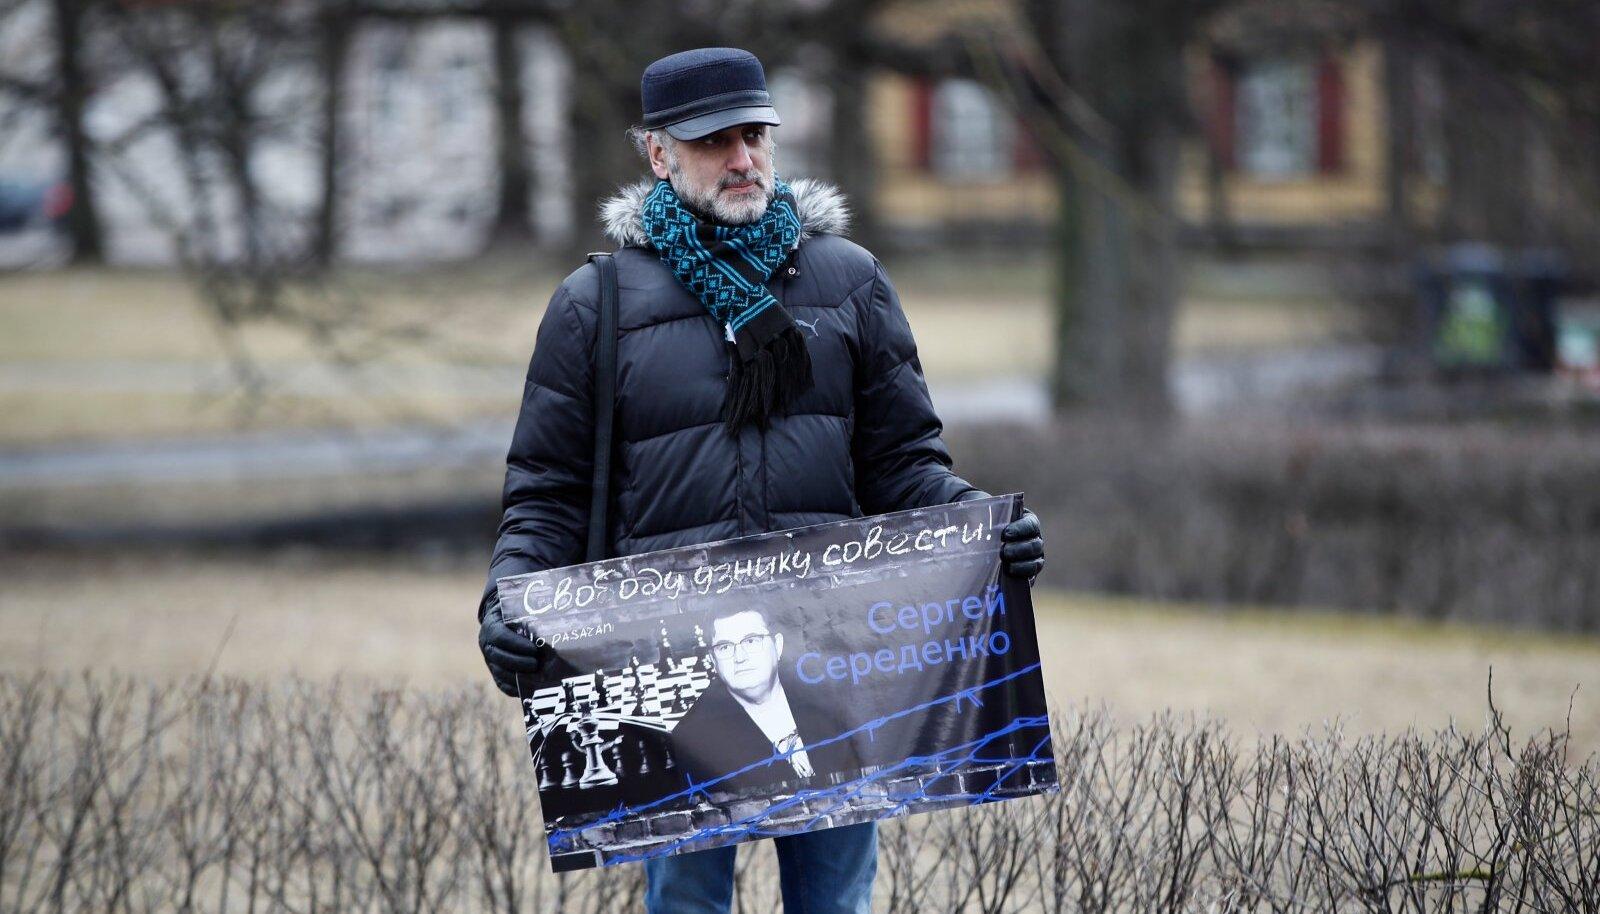 Акция в поддержку Сергея Середенко